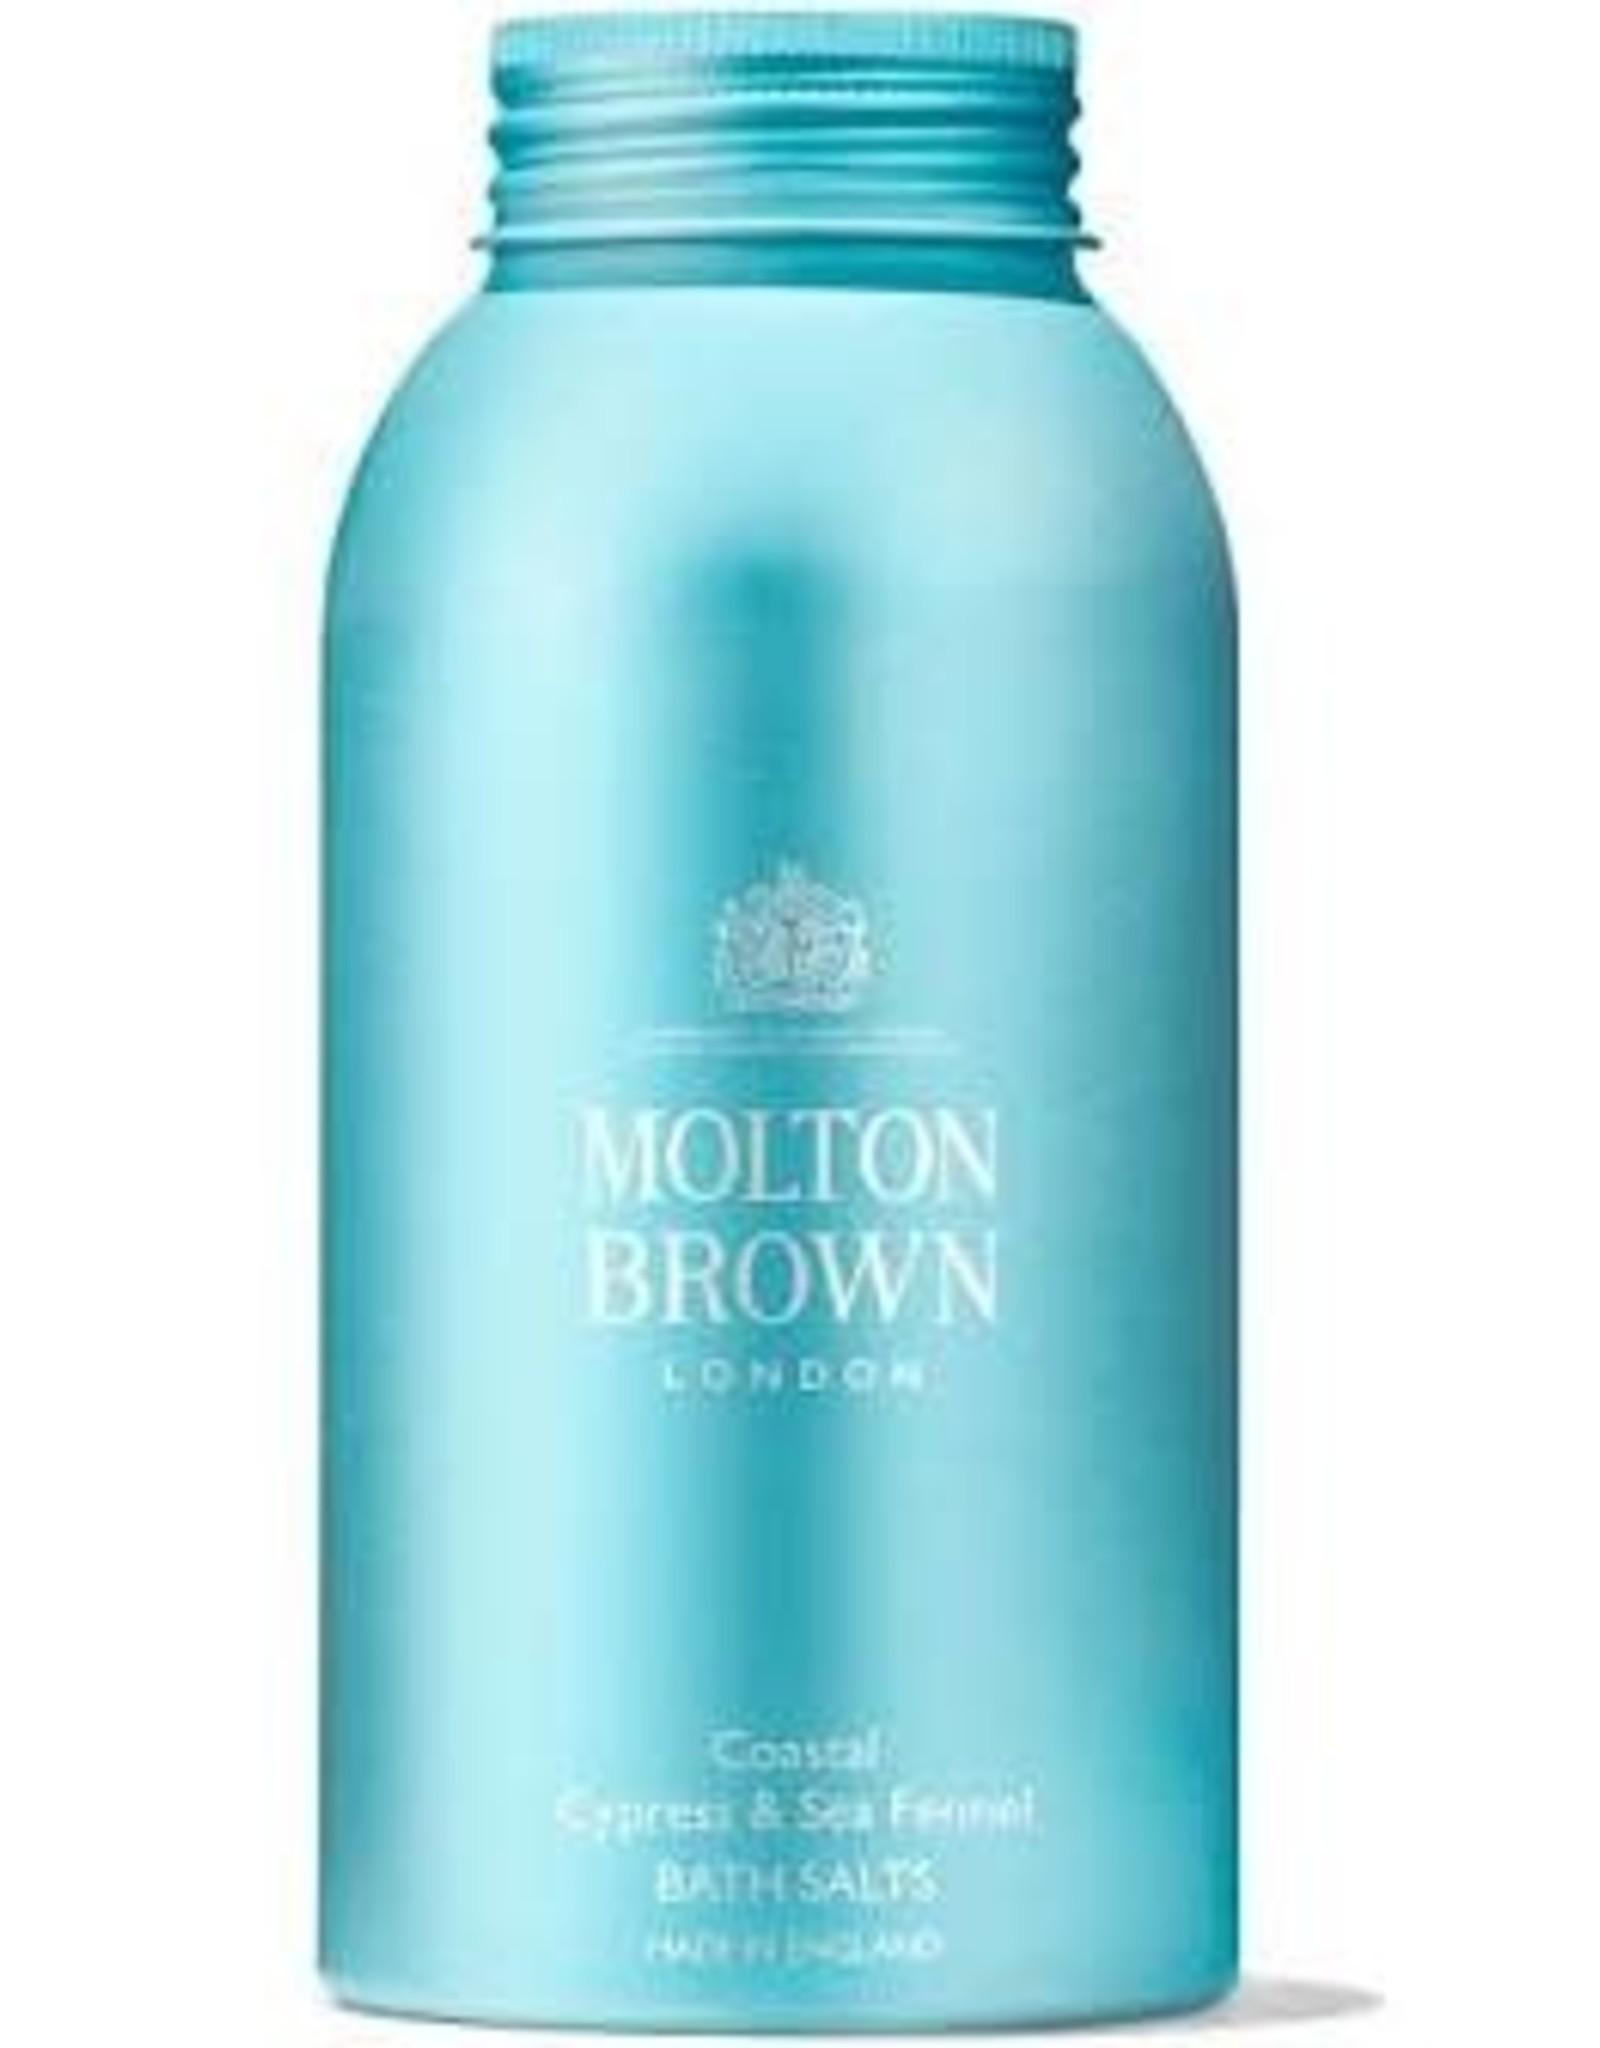 Molton Brown Blue Cypress and Sea Fennel Bath Salt